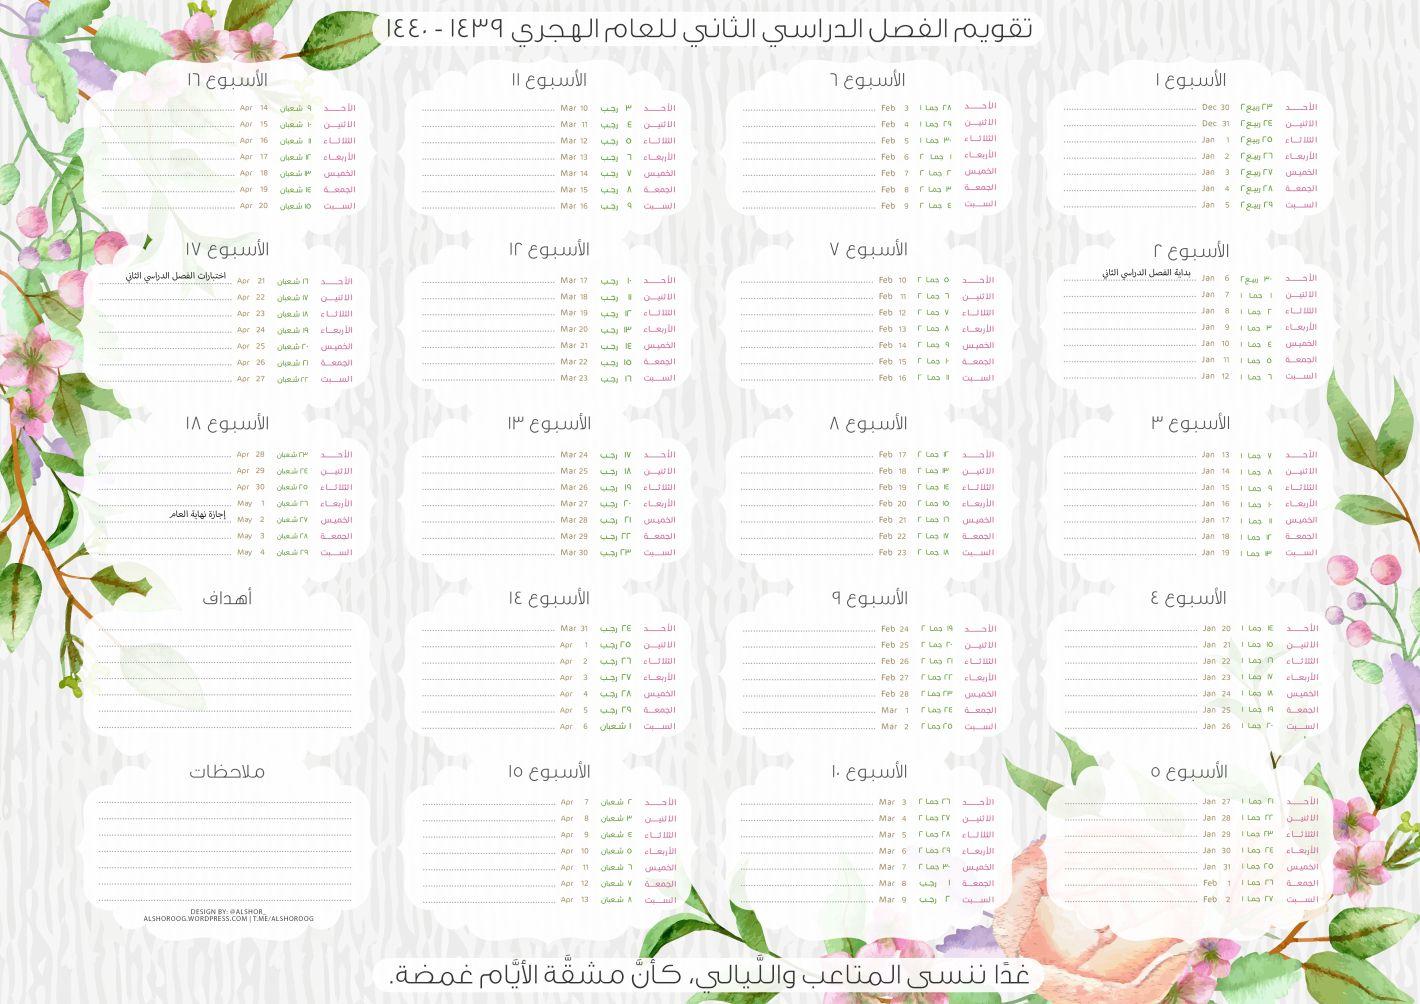 تقويم الفصل الدراسي الثاني للعام الهجري ١٤٣٩ ١٤٤٠ جداول أ خرى Print Planner School Labels Letter Paper